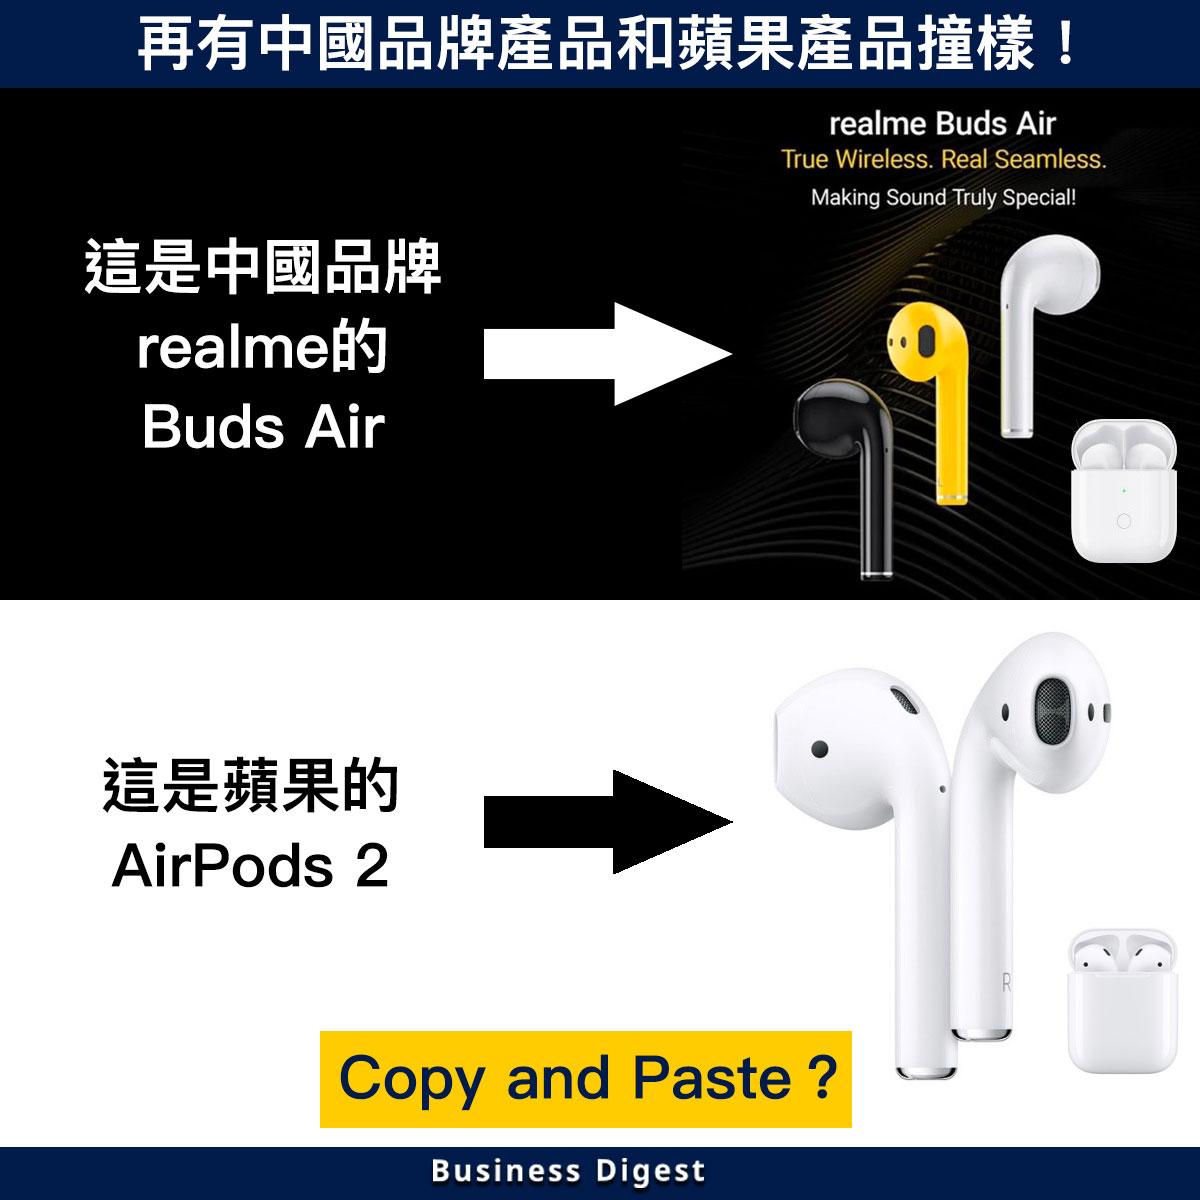 【商業熱話】中國品牌realme的Buds Air和蘋果AirPods 2完全撞樣